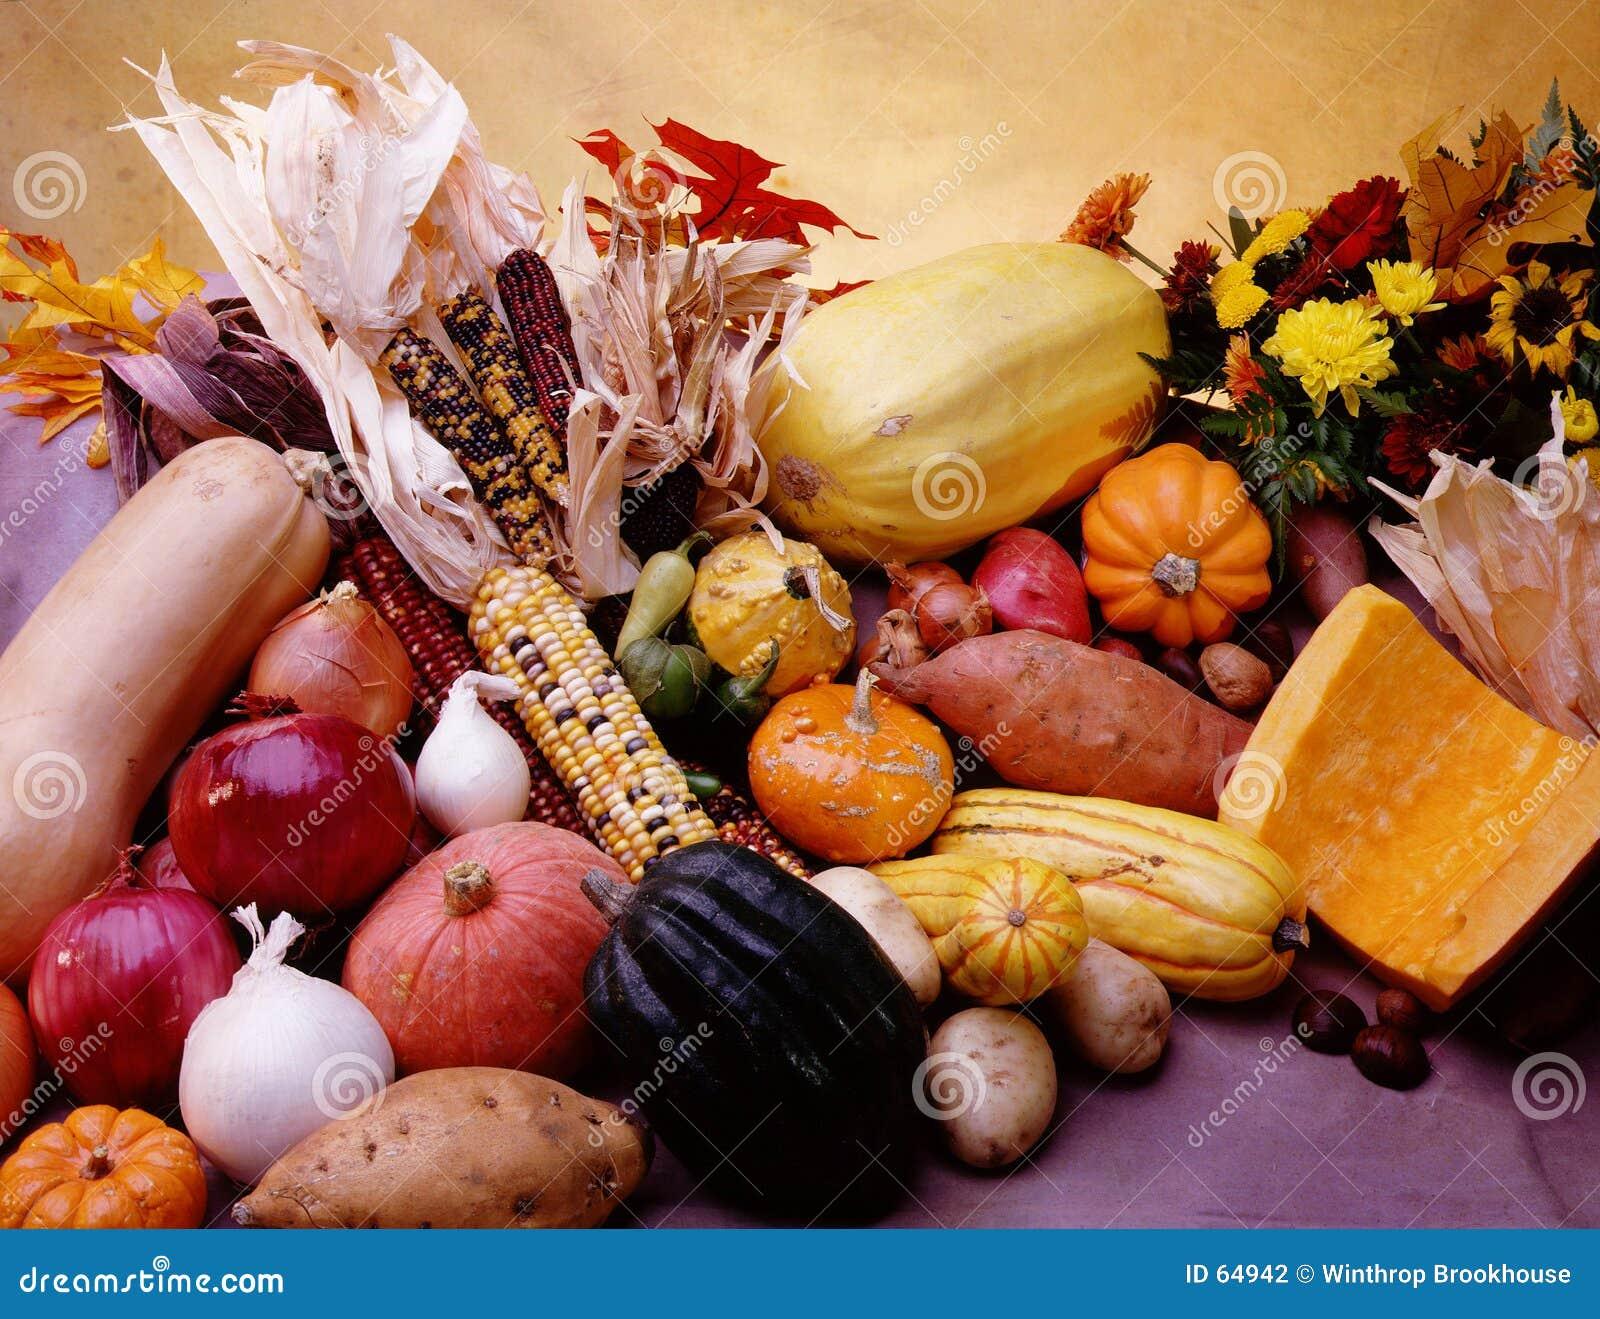 Download Corne d'abondance végétale photo stock. Image du potatoes - 64942